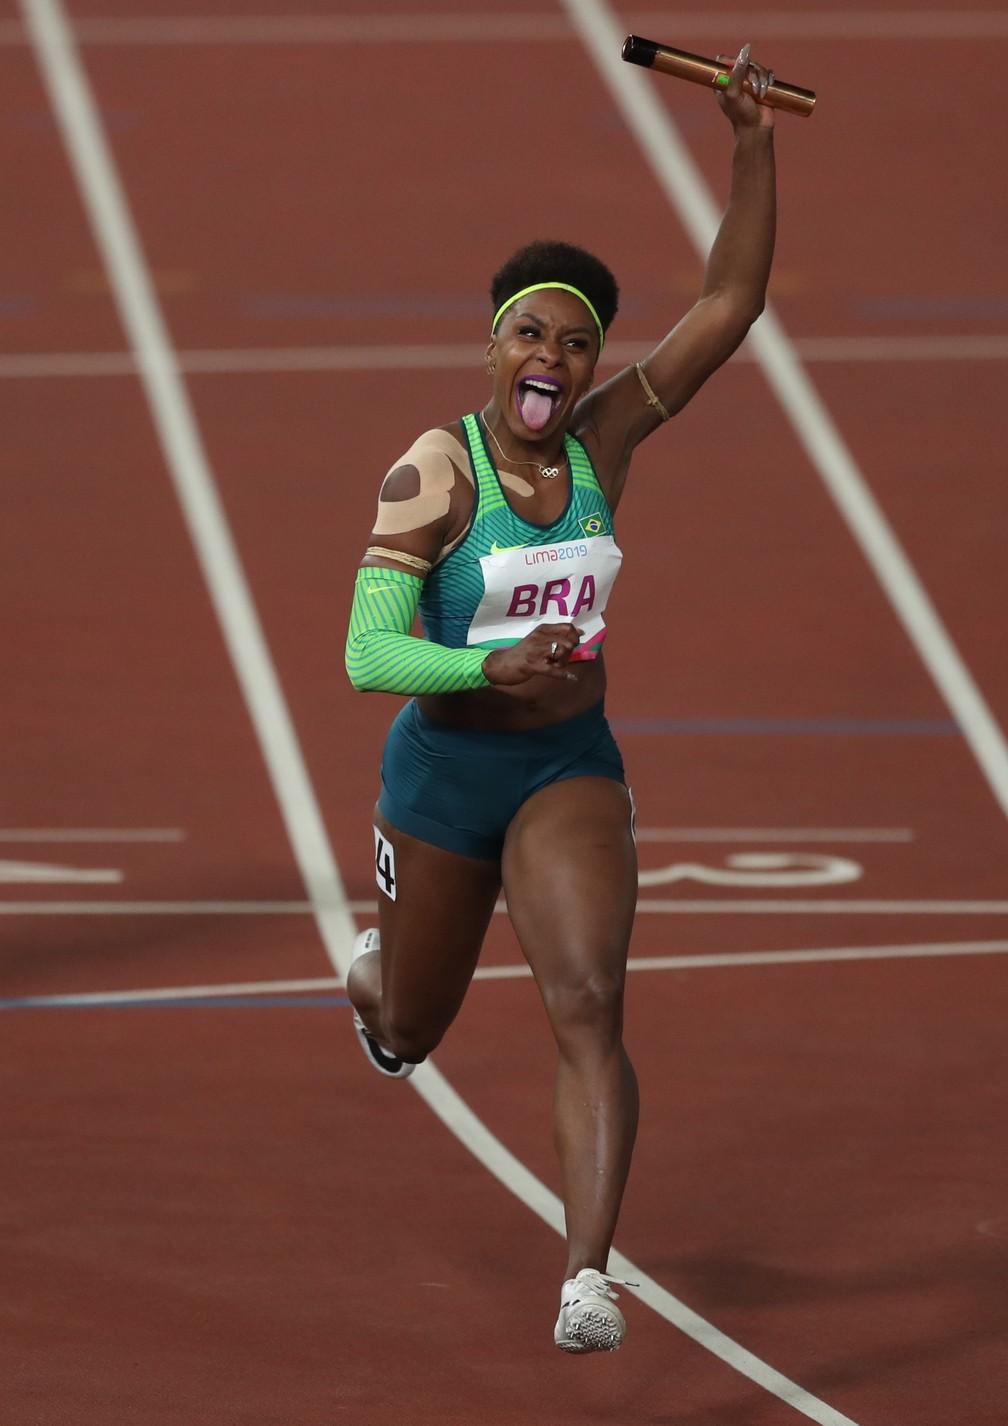 Rosangela Santos cruza a linha de chegada, e Brasil vence o revezamento 4x100m rasos